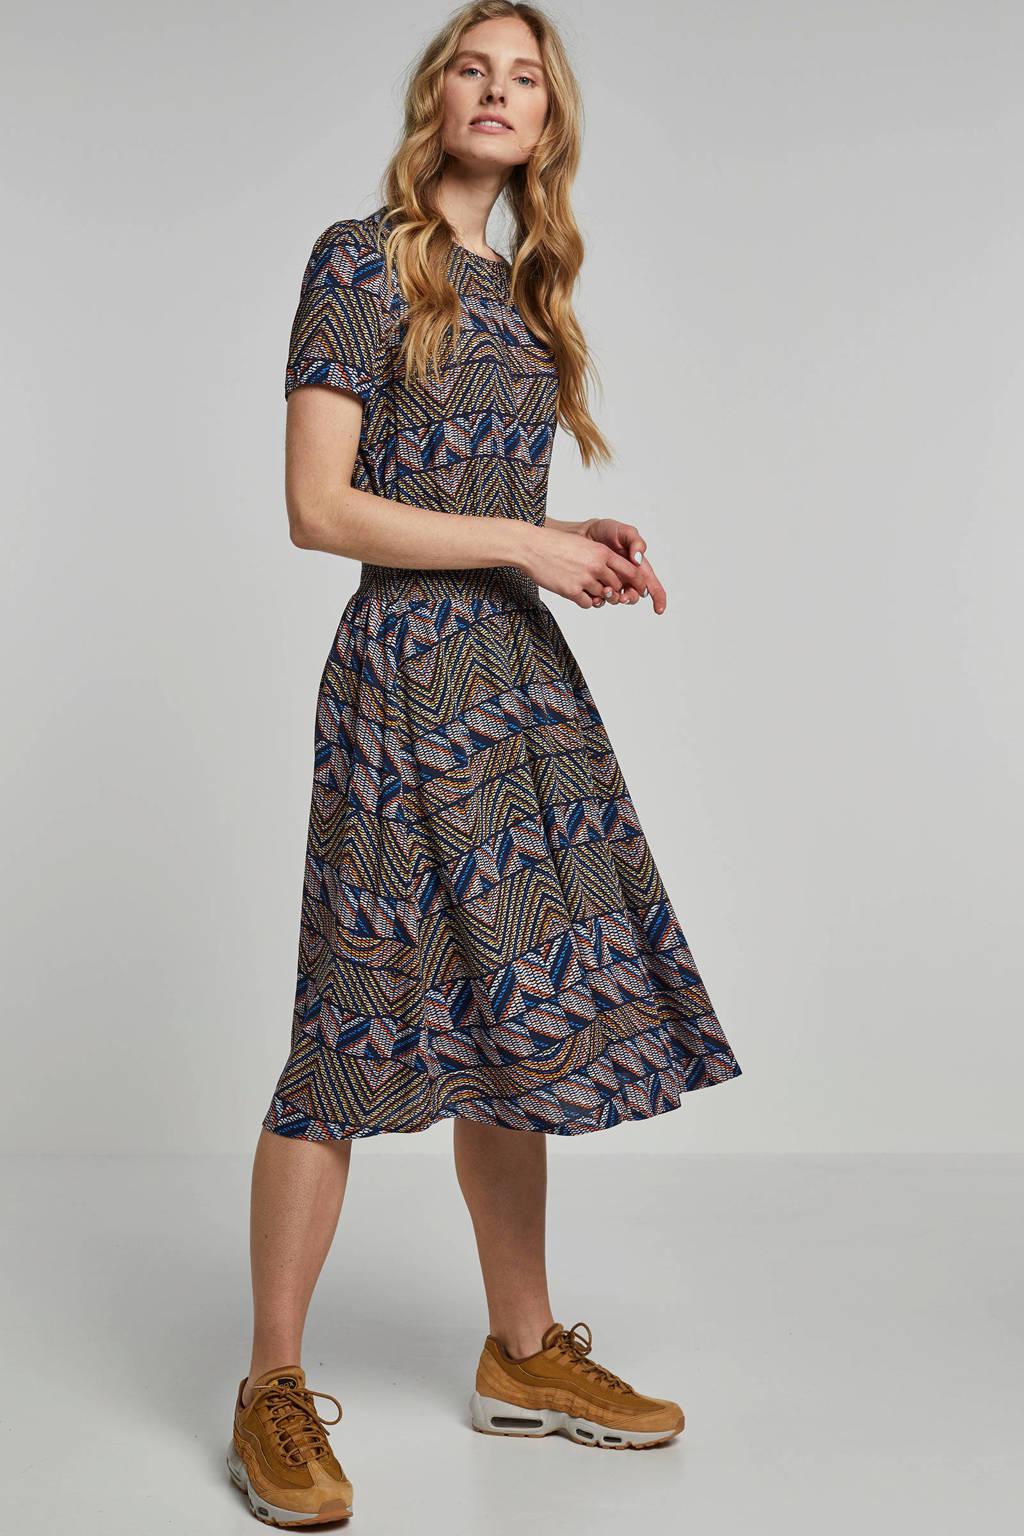 edc Women getailleerde jurk met all over print, Blauw/oranje/geel/zwart